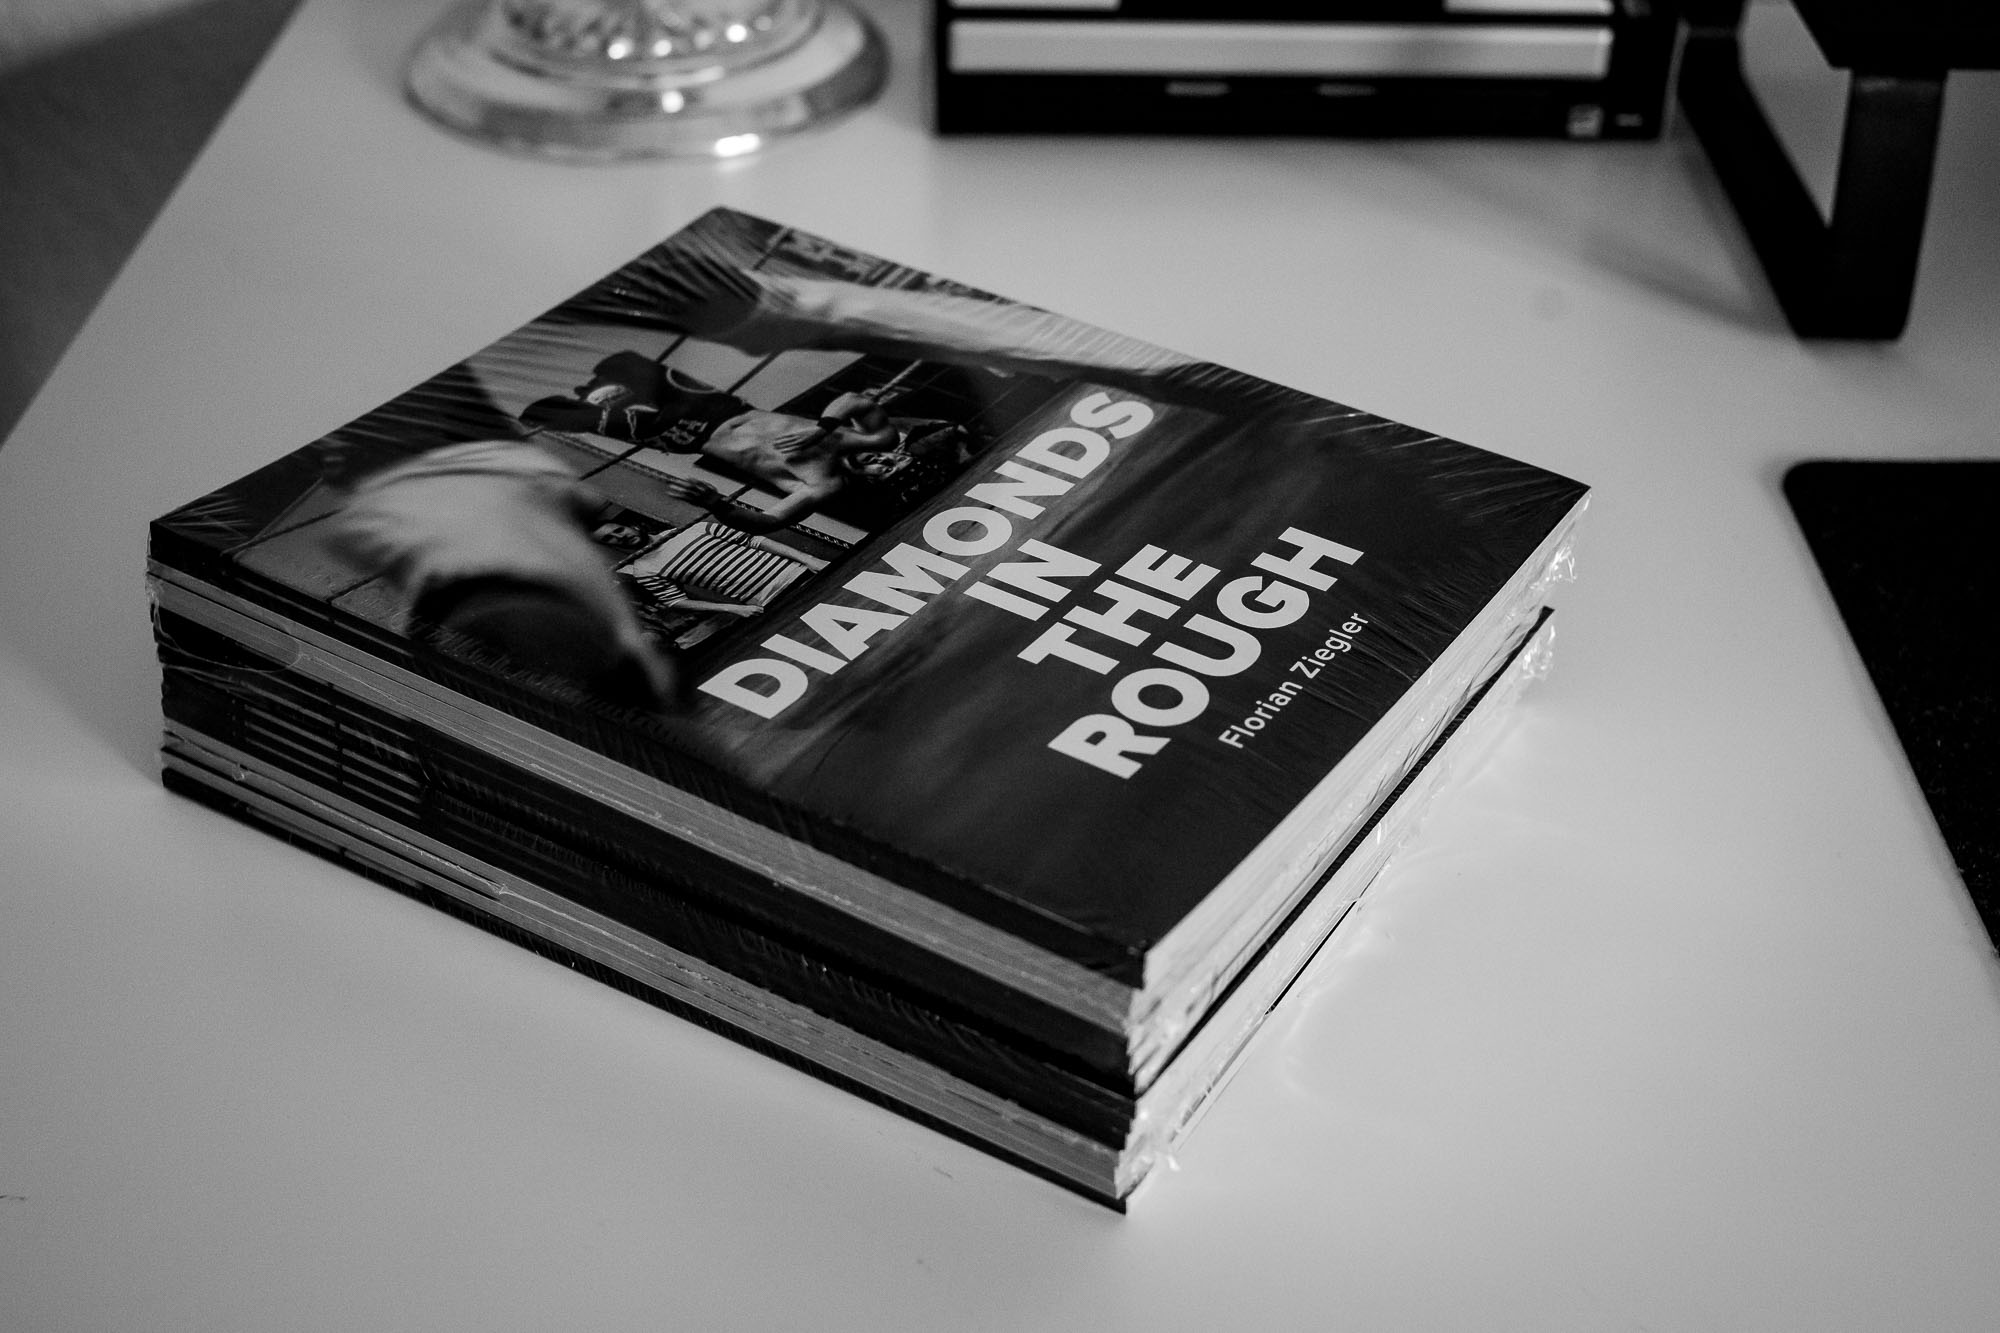 Copies of my photo zine